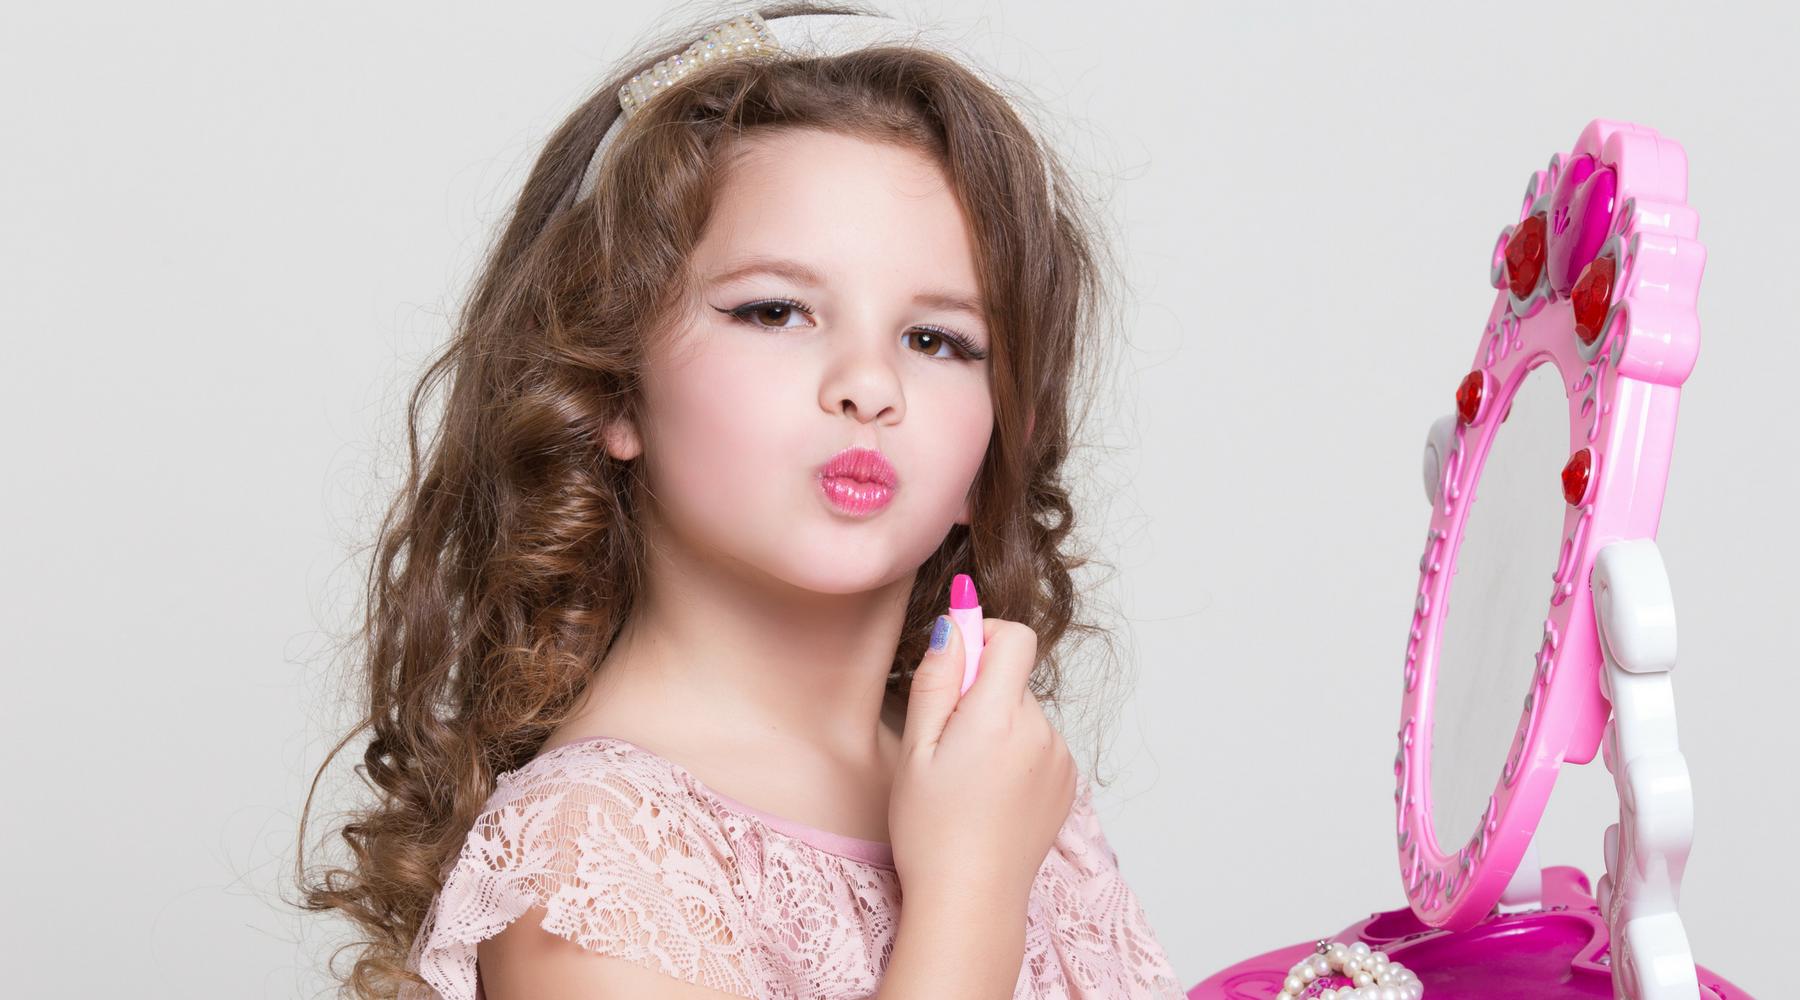 Endocrine Disruptors in Makeup